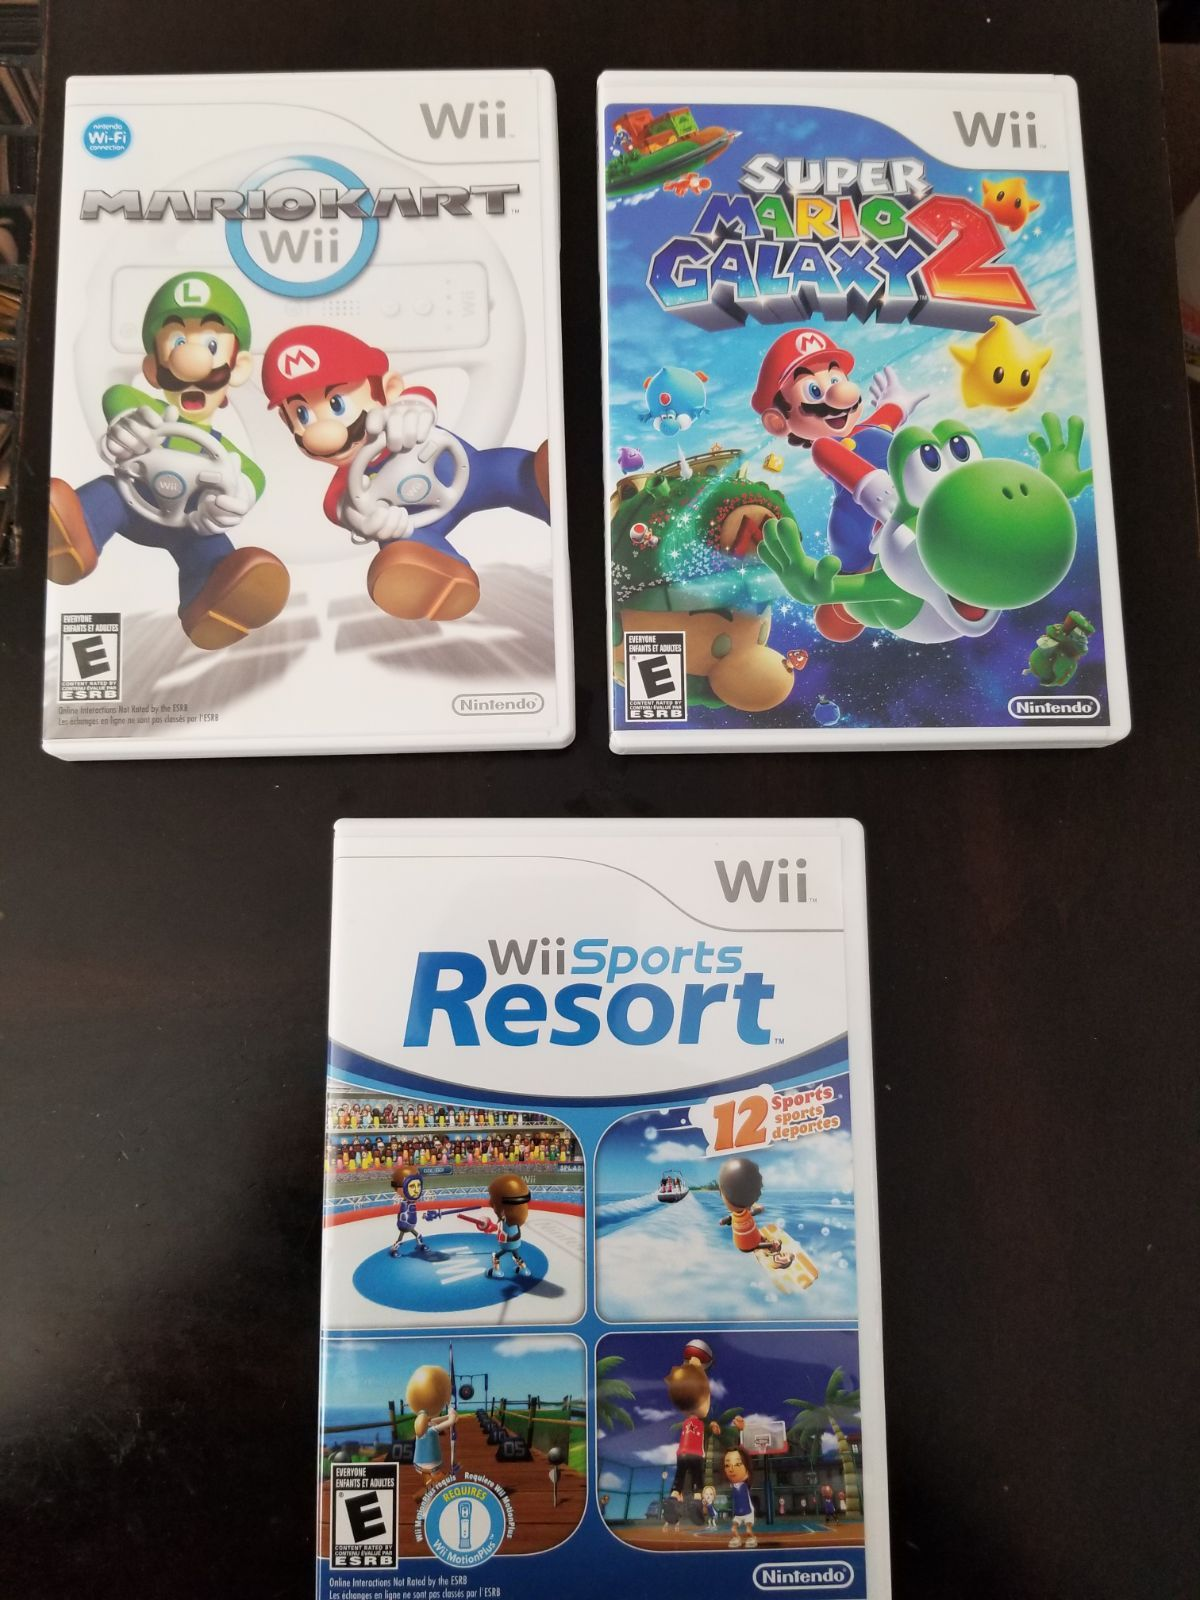 Nintendo Wii Game Lot Of 3 Mariokart, Wii Sports Resort